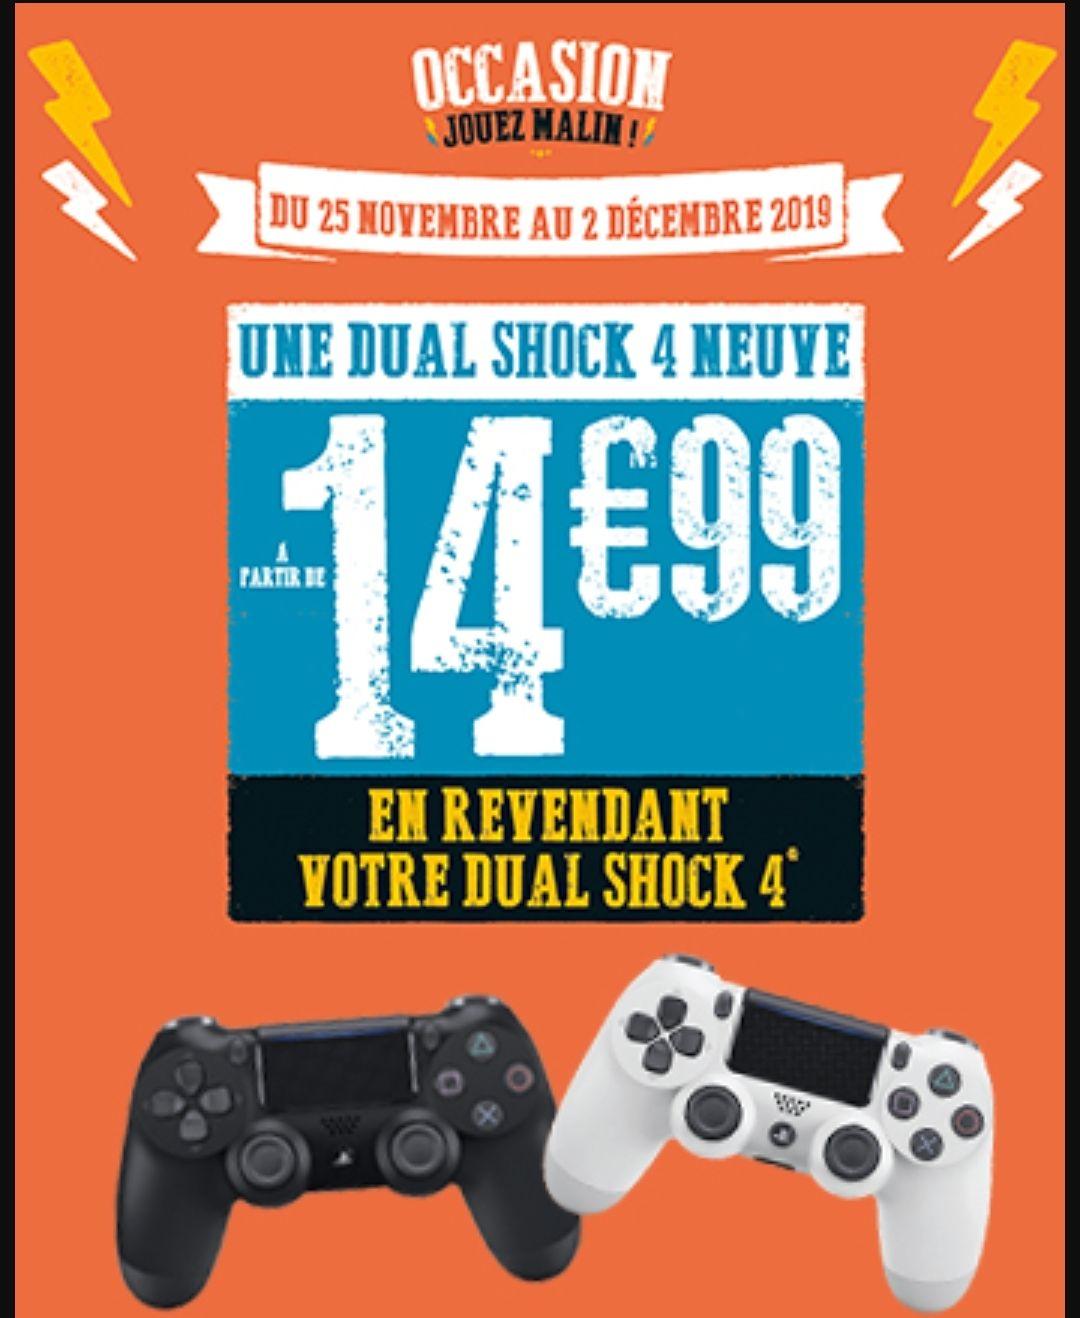 Manette Sony Dualshock 4 pour PS4 à 14.99€ (Sous conditions de reprise)